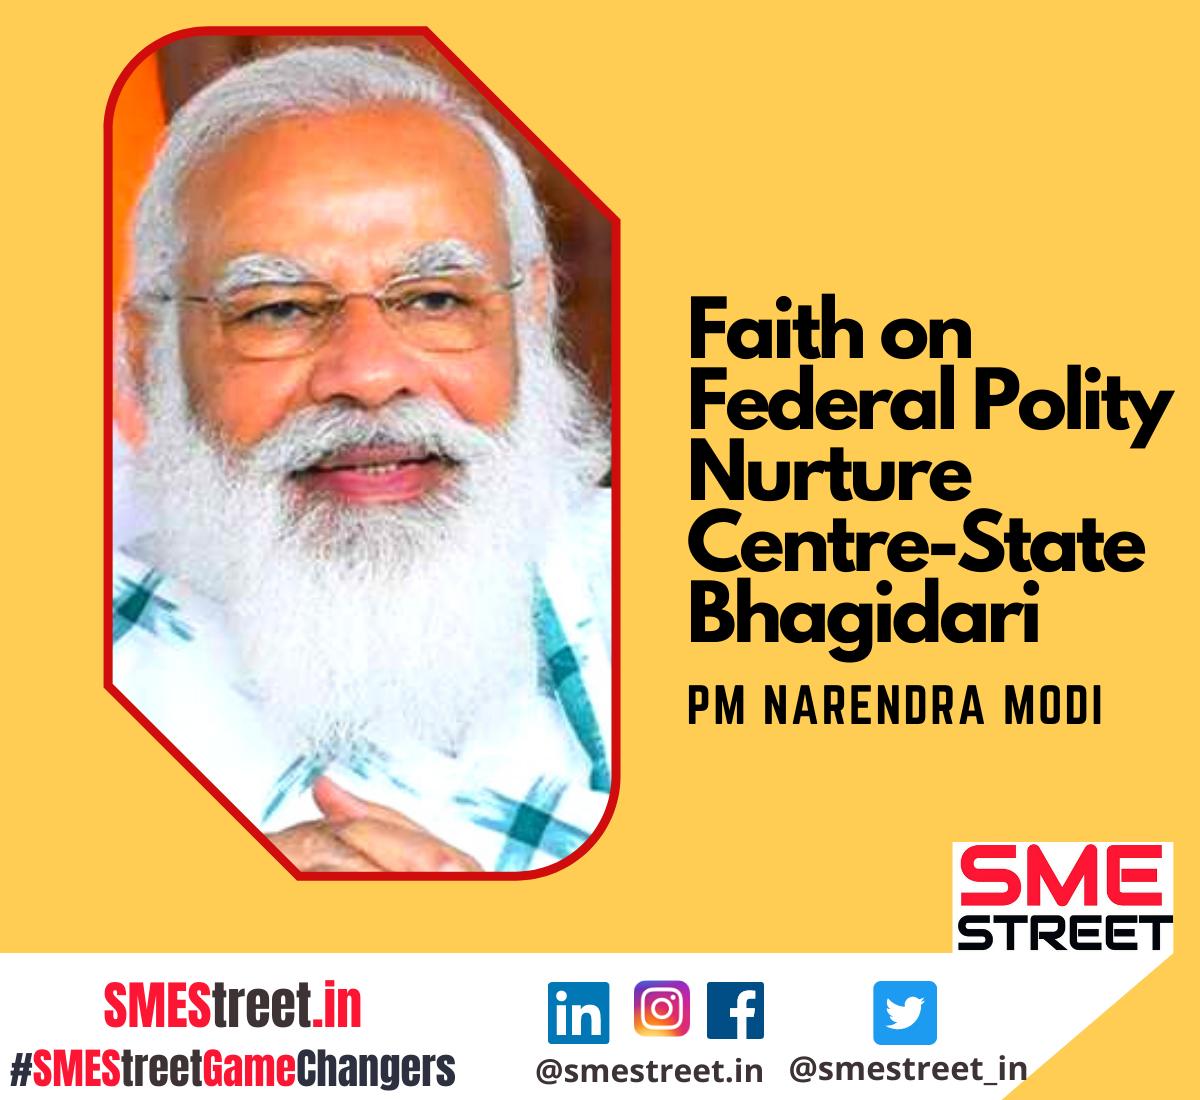 PM Narendra Modi, Policy